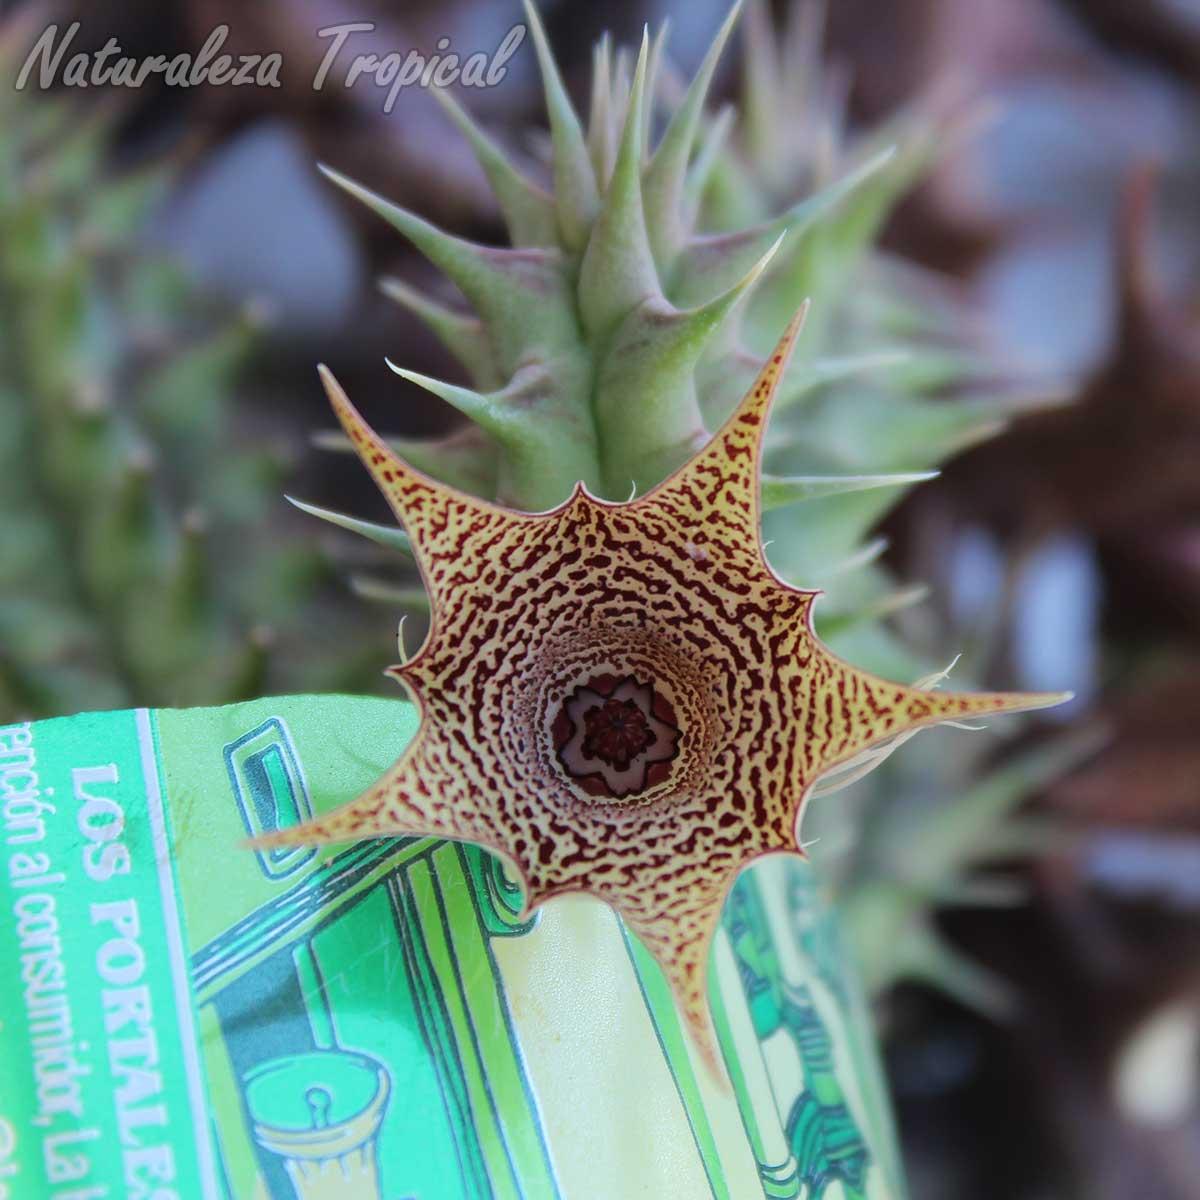 Vista de la flor característica de este híbrido desconocido del género Huernia